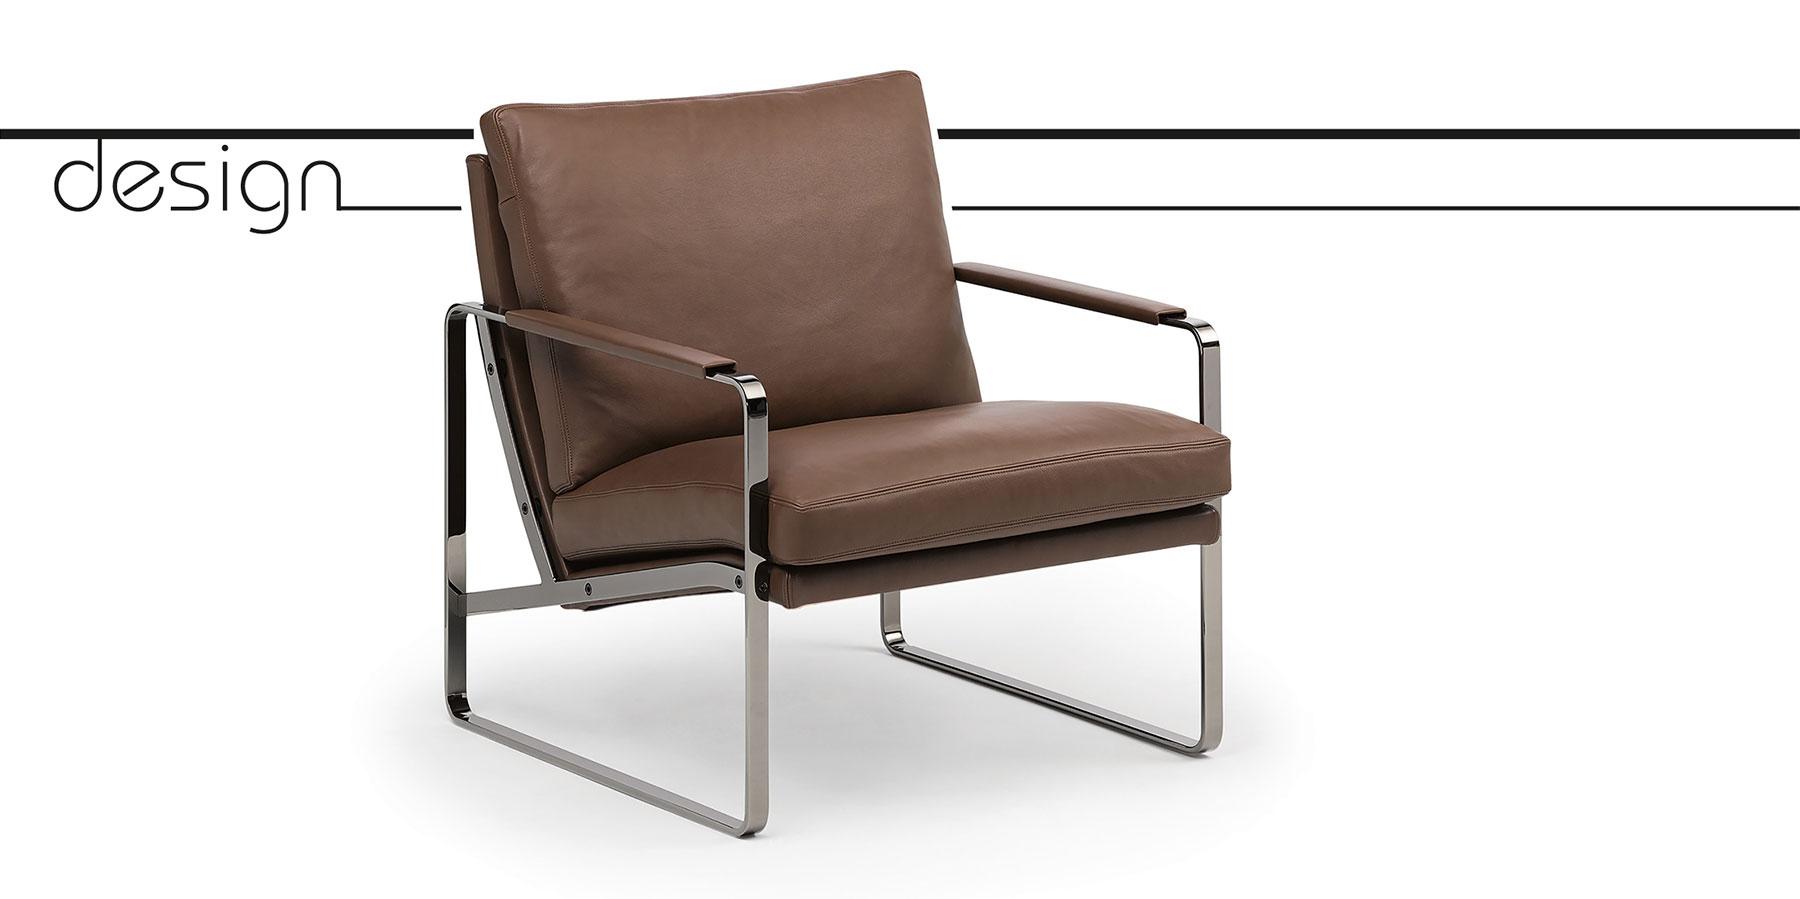 Fabricius erzählt als echter Klassiker Möbelgeschichte: der Conversation Chair, 1972 von Preben Fabricius entworfen.